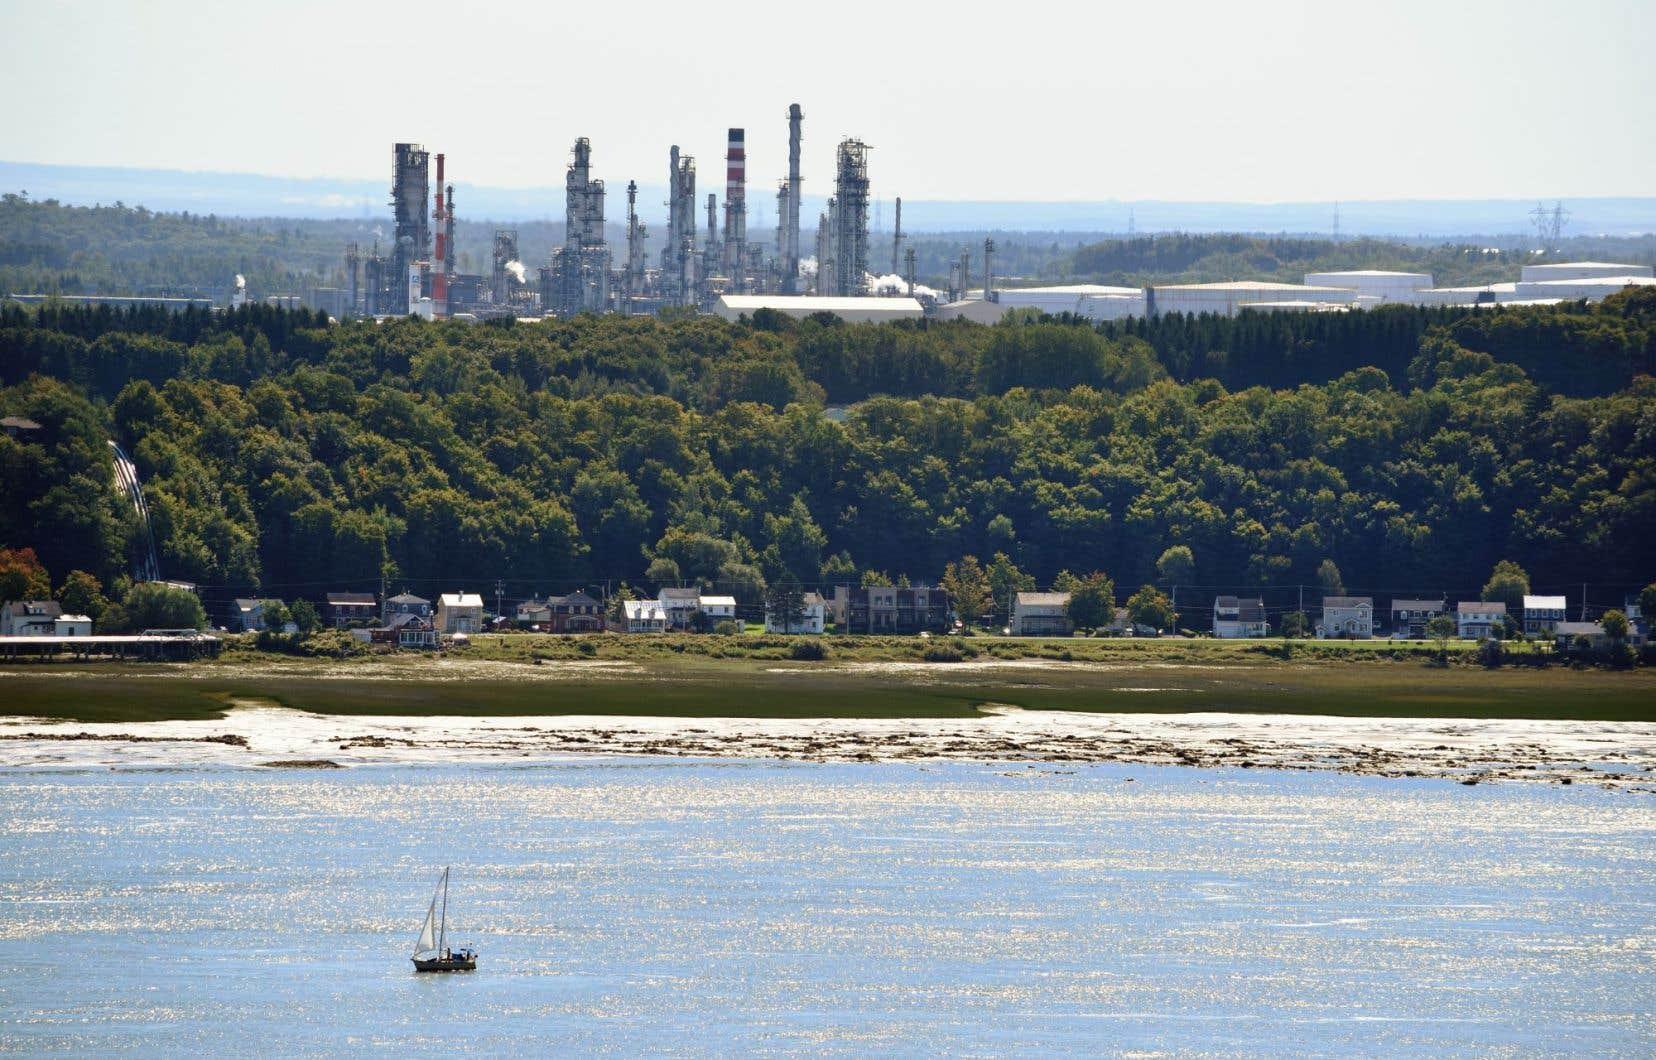 Le pipeline Saint-Laurent relie la raffinerie Jean-Gaulin à Lévis, exploitée par Valero, au terminal pétrolier de Montréal-Est.